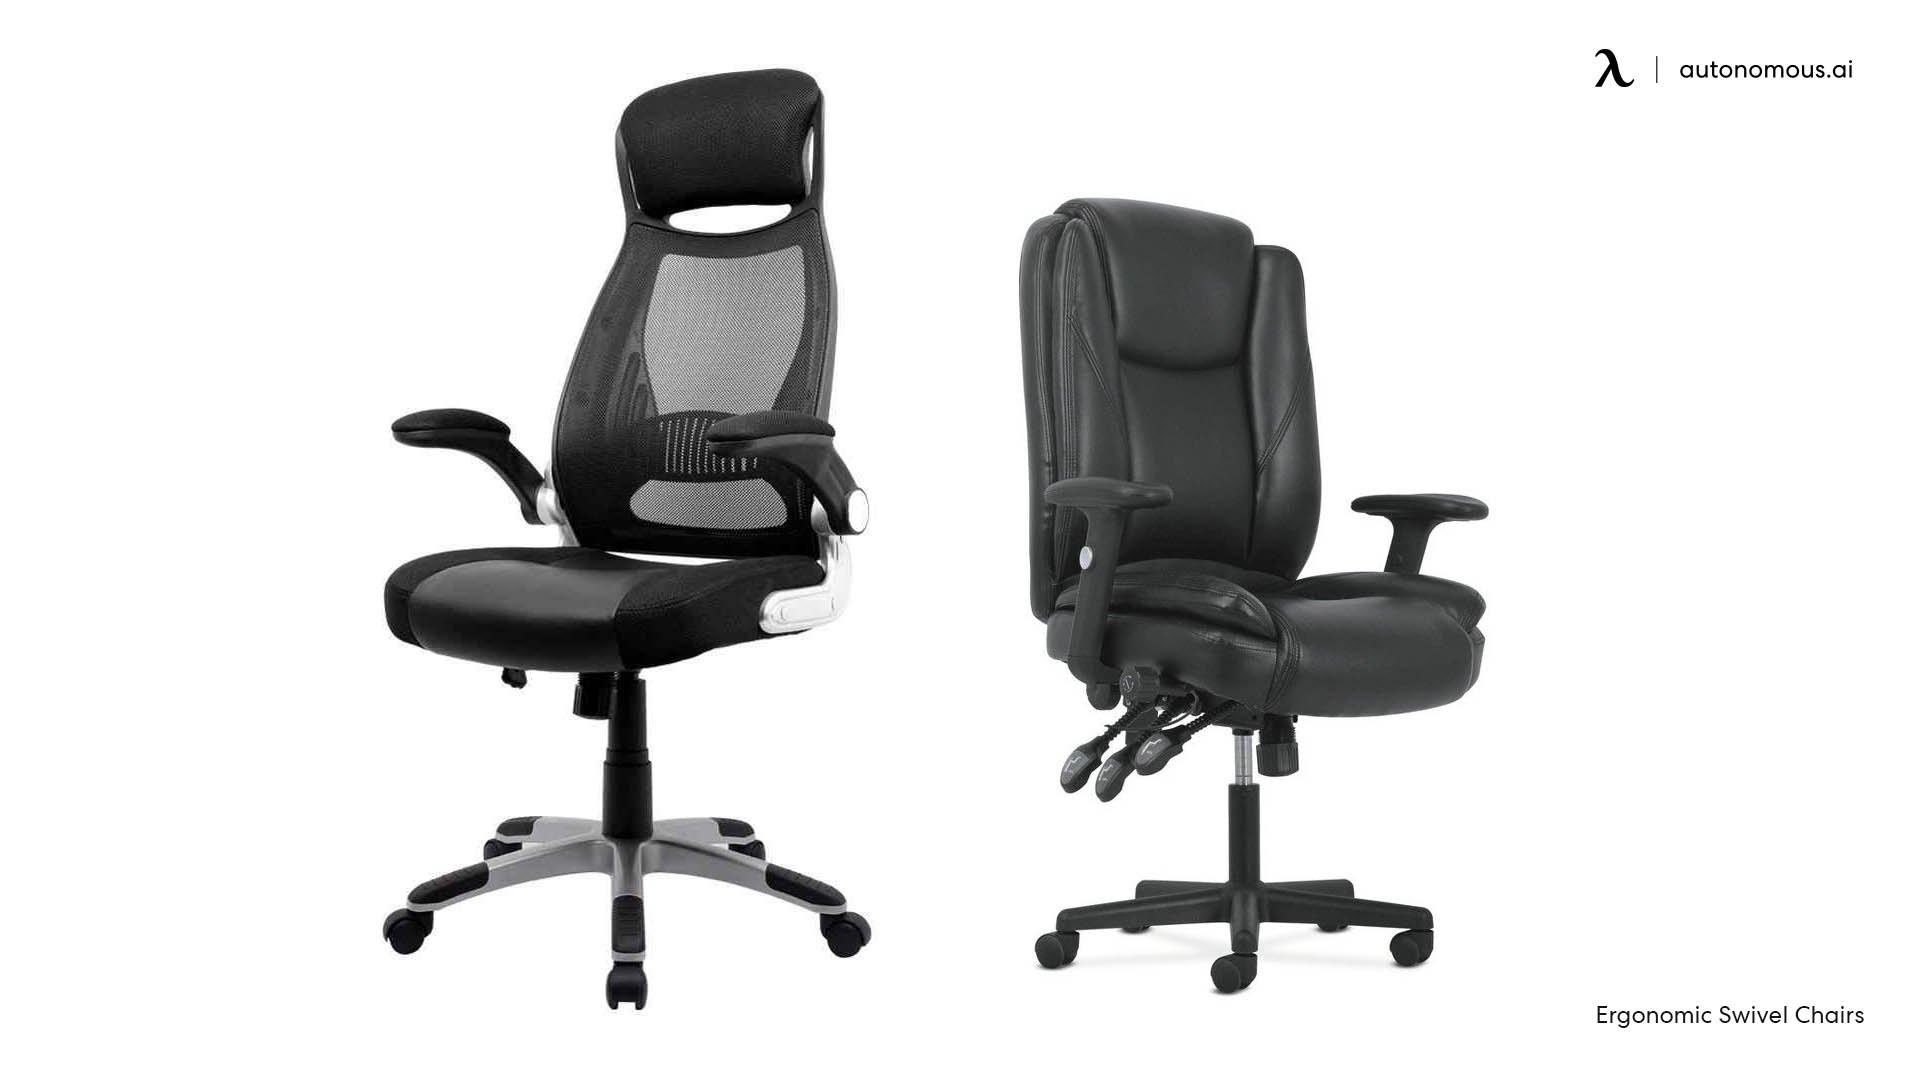 Photo of Ergonomic Swivel Chairs